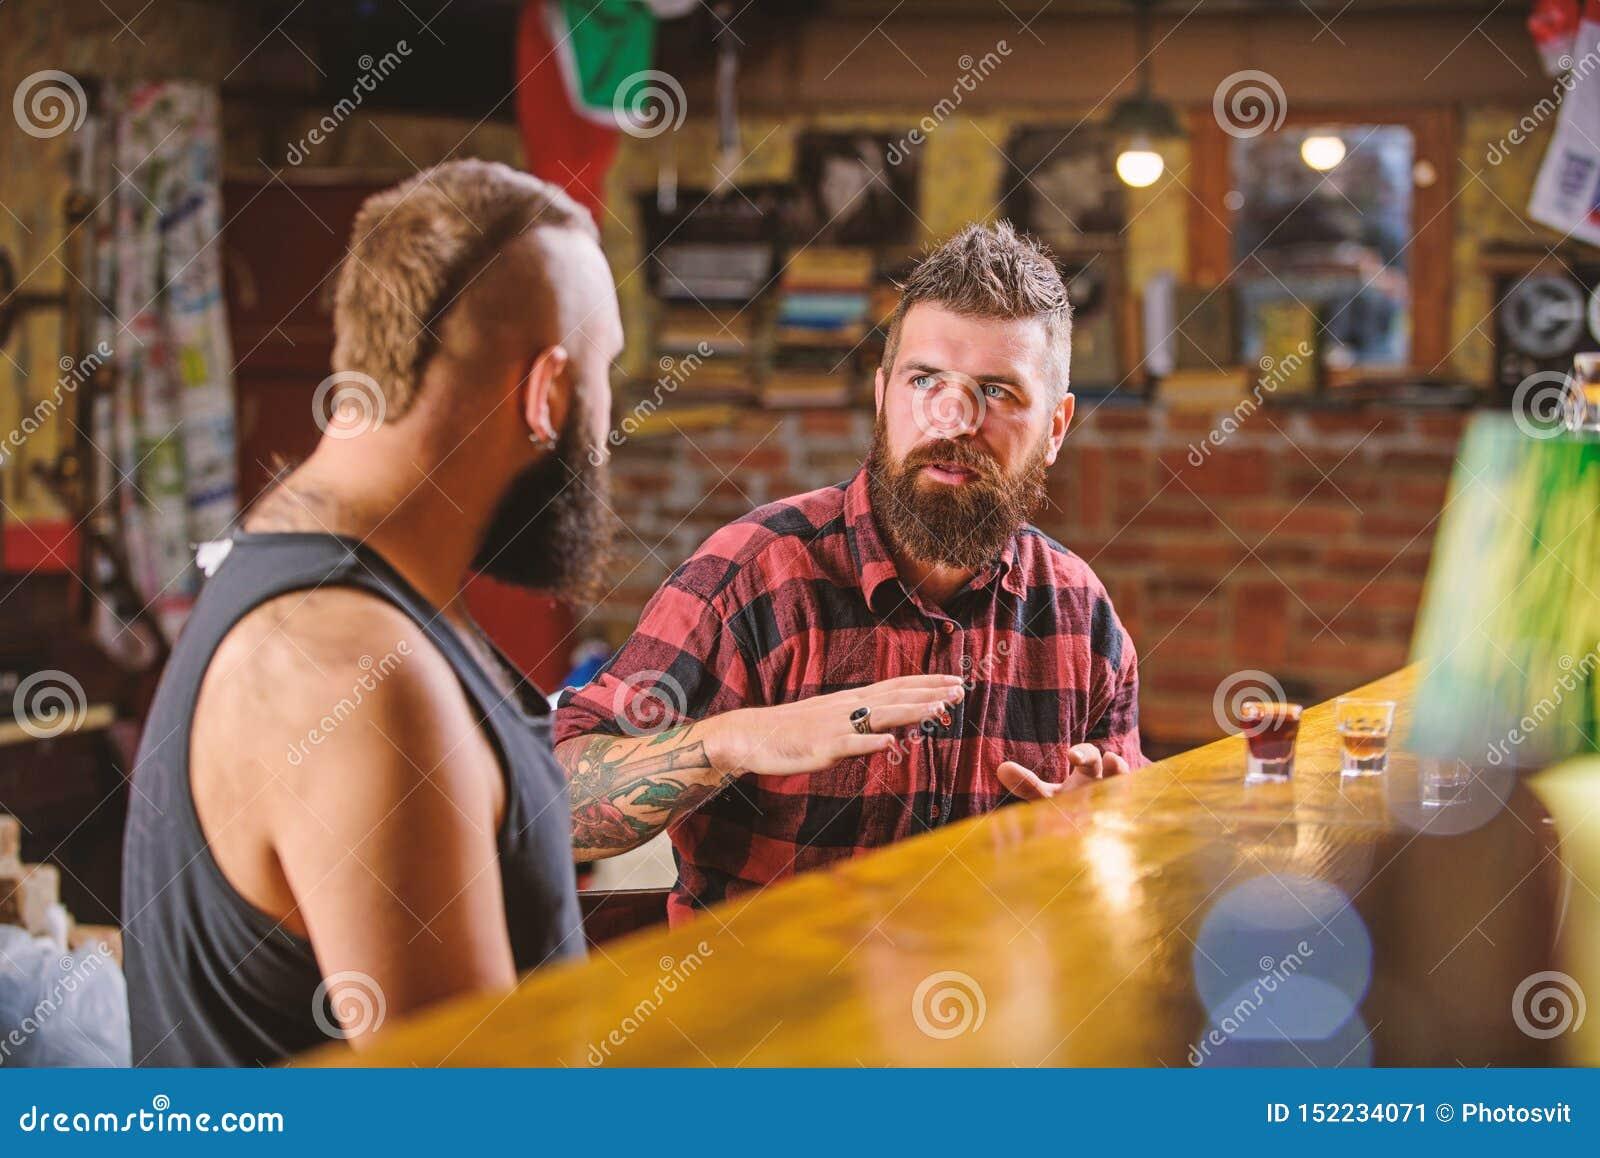 Vrienden die in bar of bar ontspannen Soulmates gedronken gesprek Besteedt de Hipster brutale gebaarde mens vrije tijd met vriend